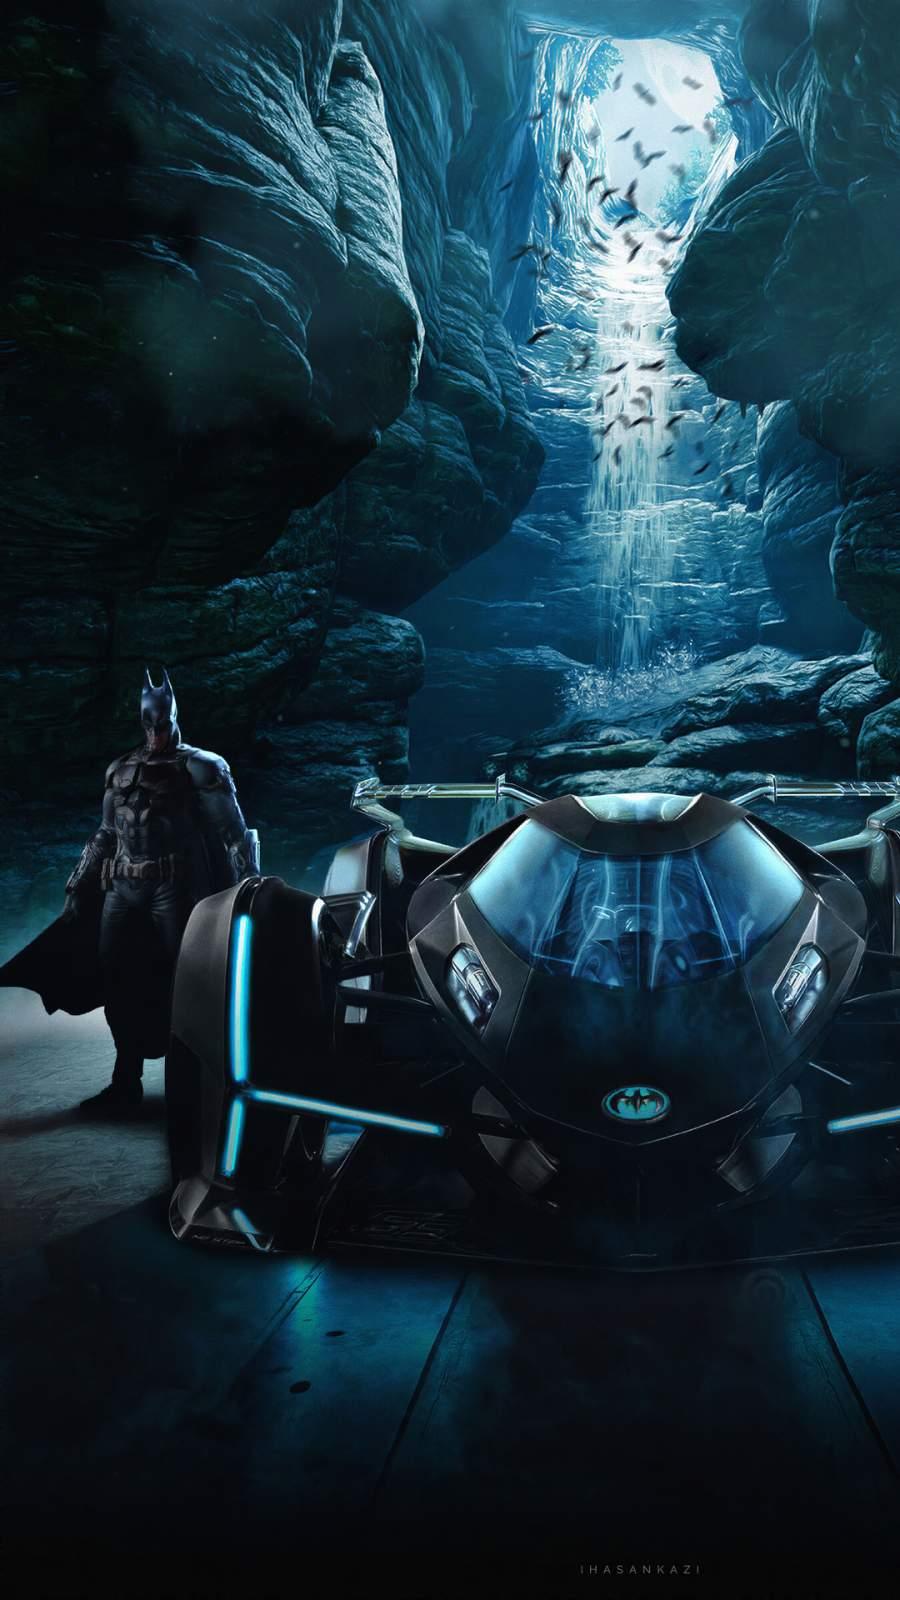 Lamborghini Vision Gran Turismo Batmobile iPhone Wallpaper